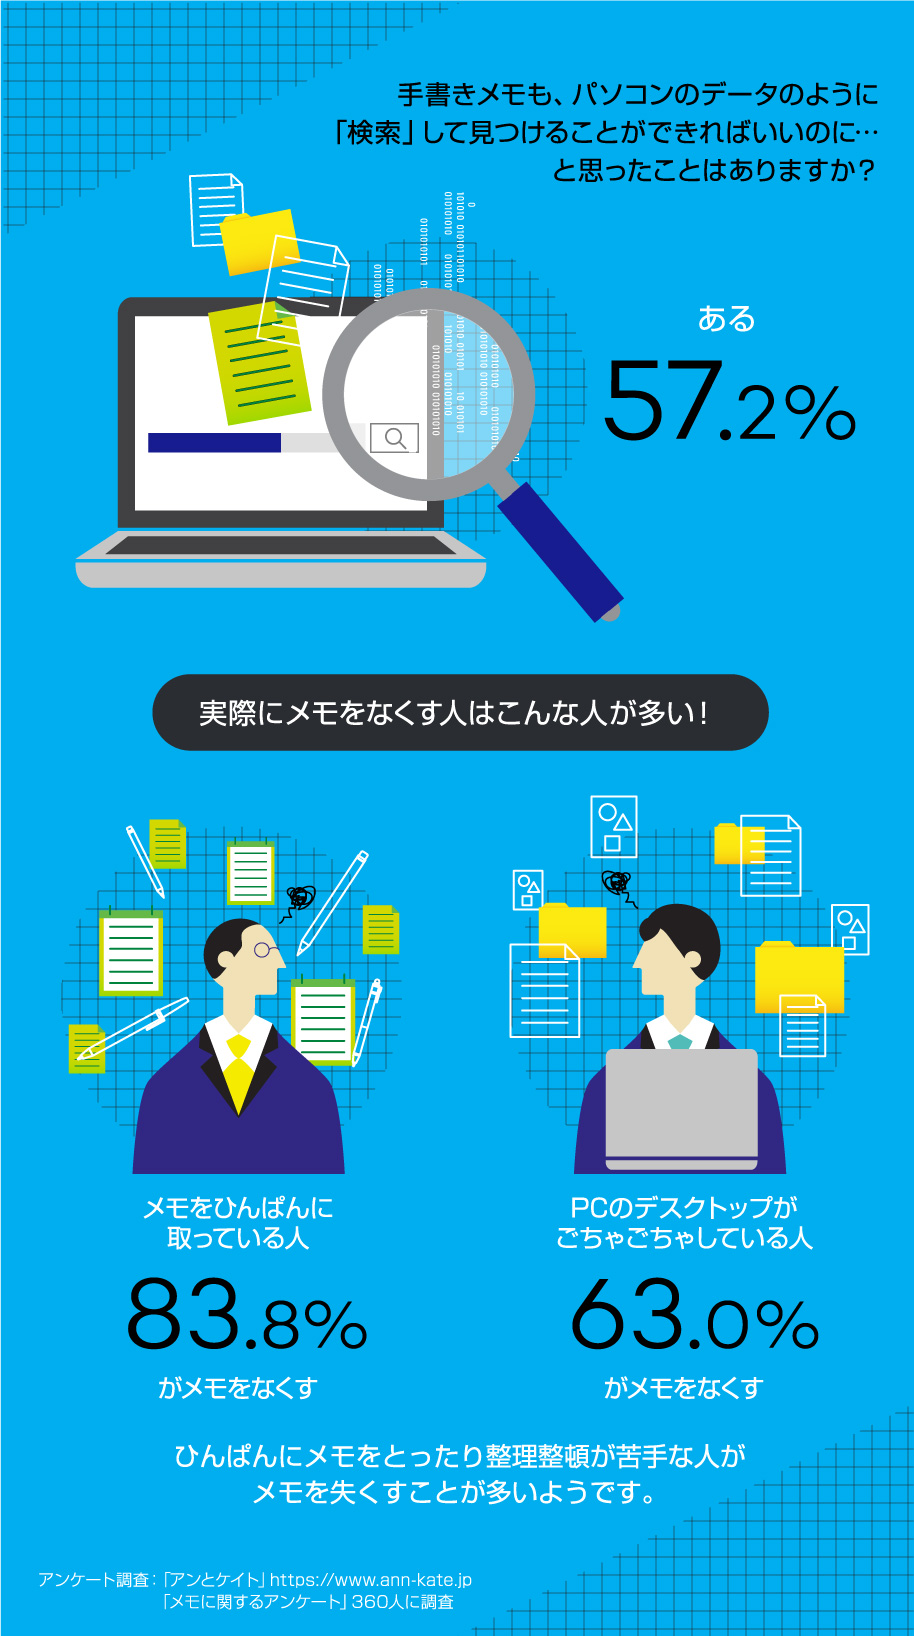 インフォグラフィック:上手なメモの取り方9箇条。思考力・集中力の強化にも